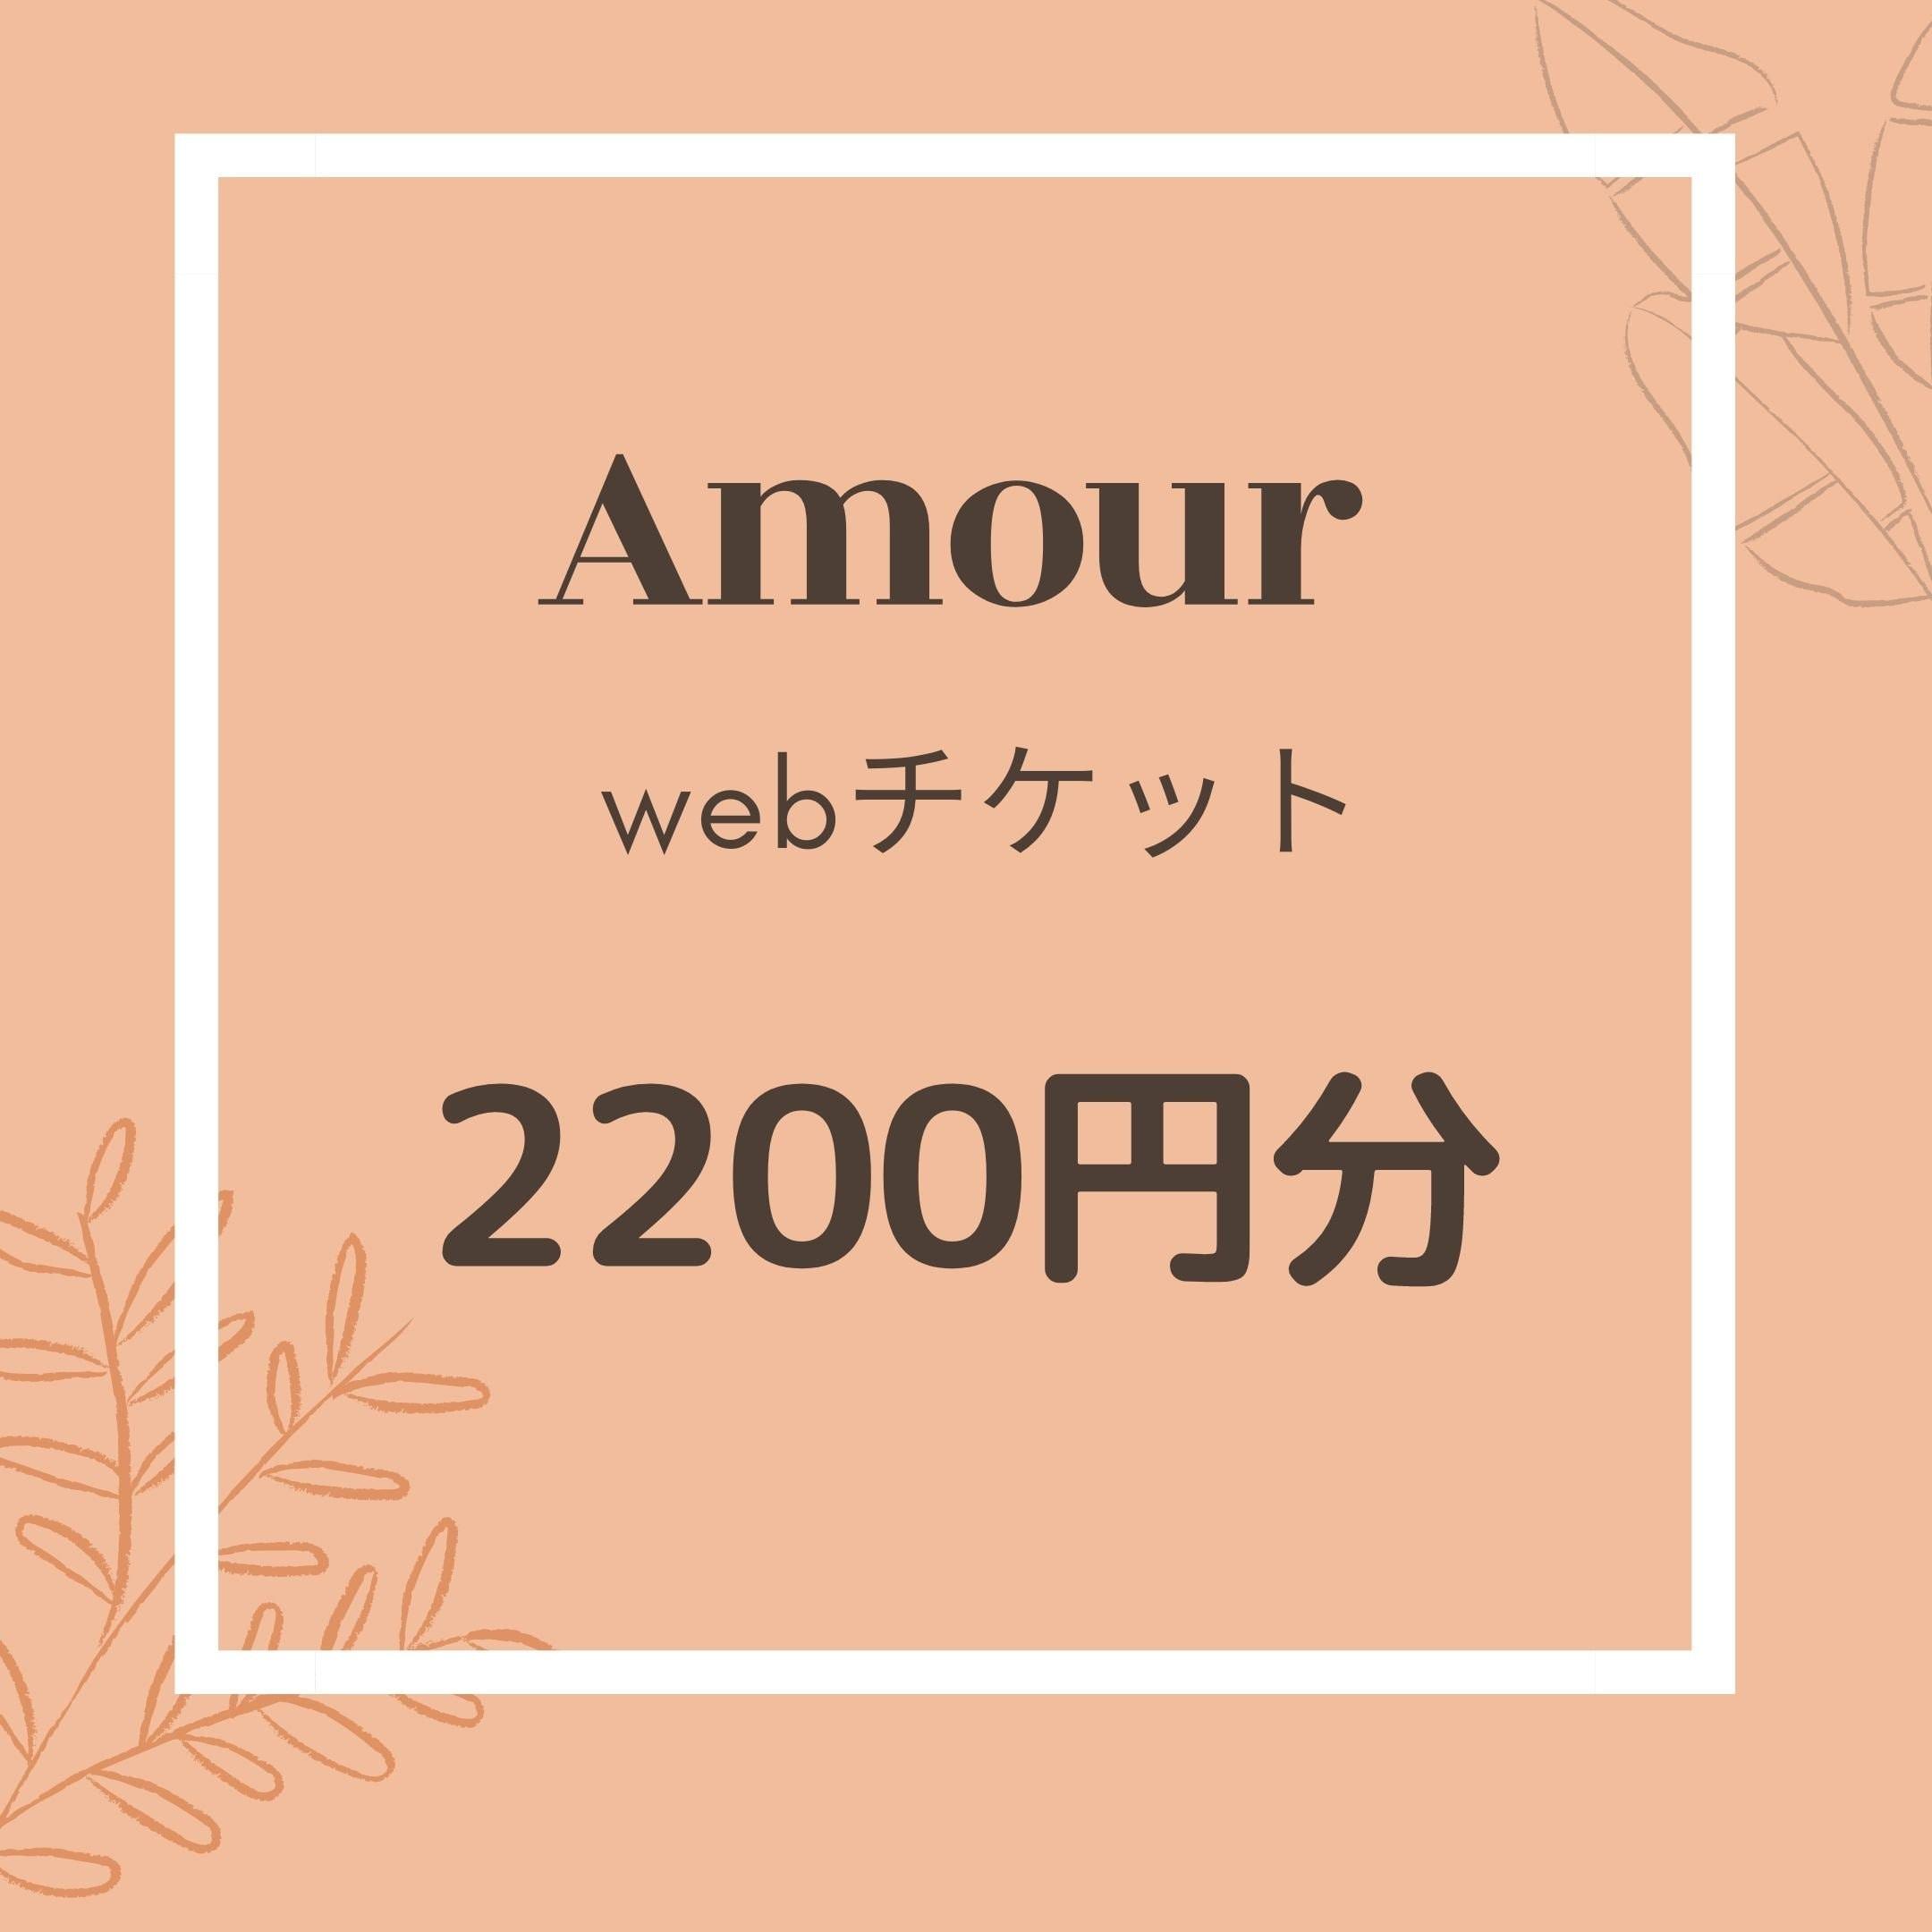 Amour2200円Webチケットのイメージその1